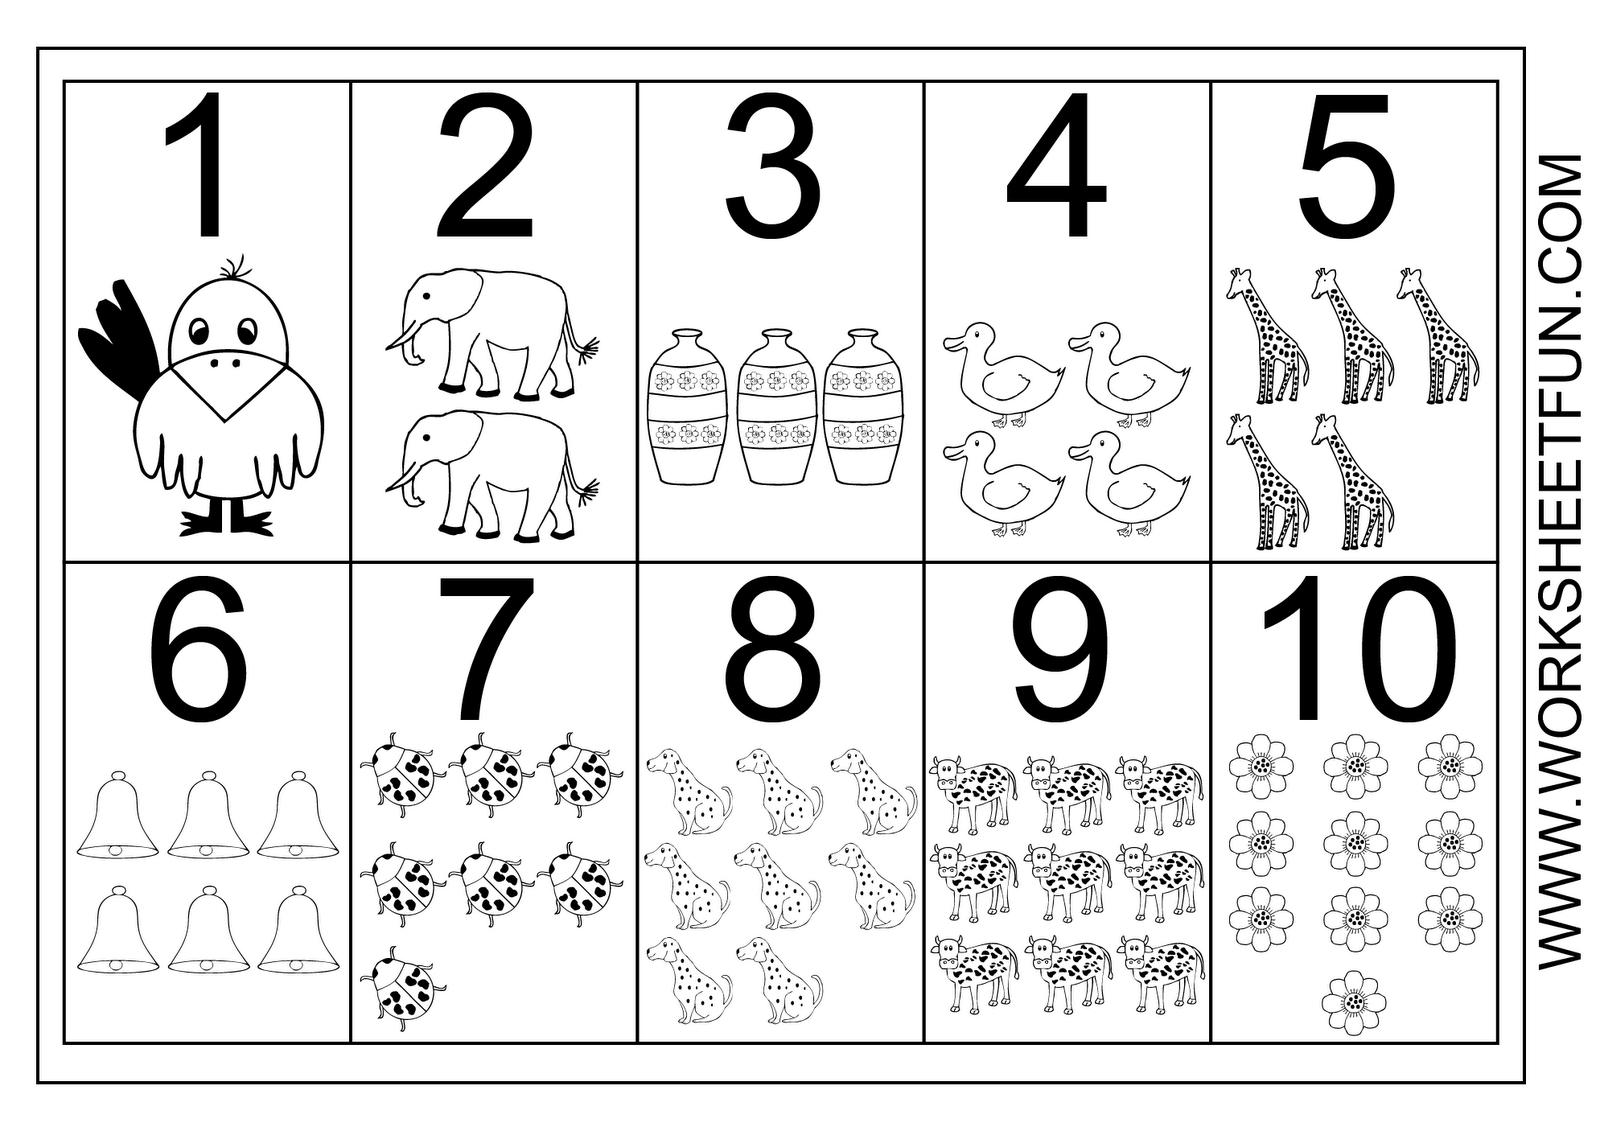 Worksheetfun - Free Printable Worksheets | Prek Math Ideas | Numbers - Free Printable Numbers 1 10